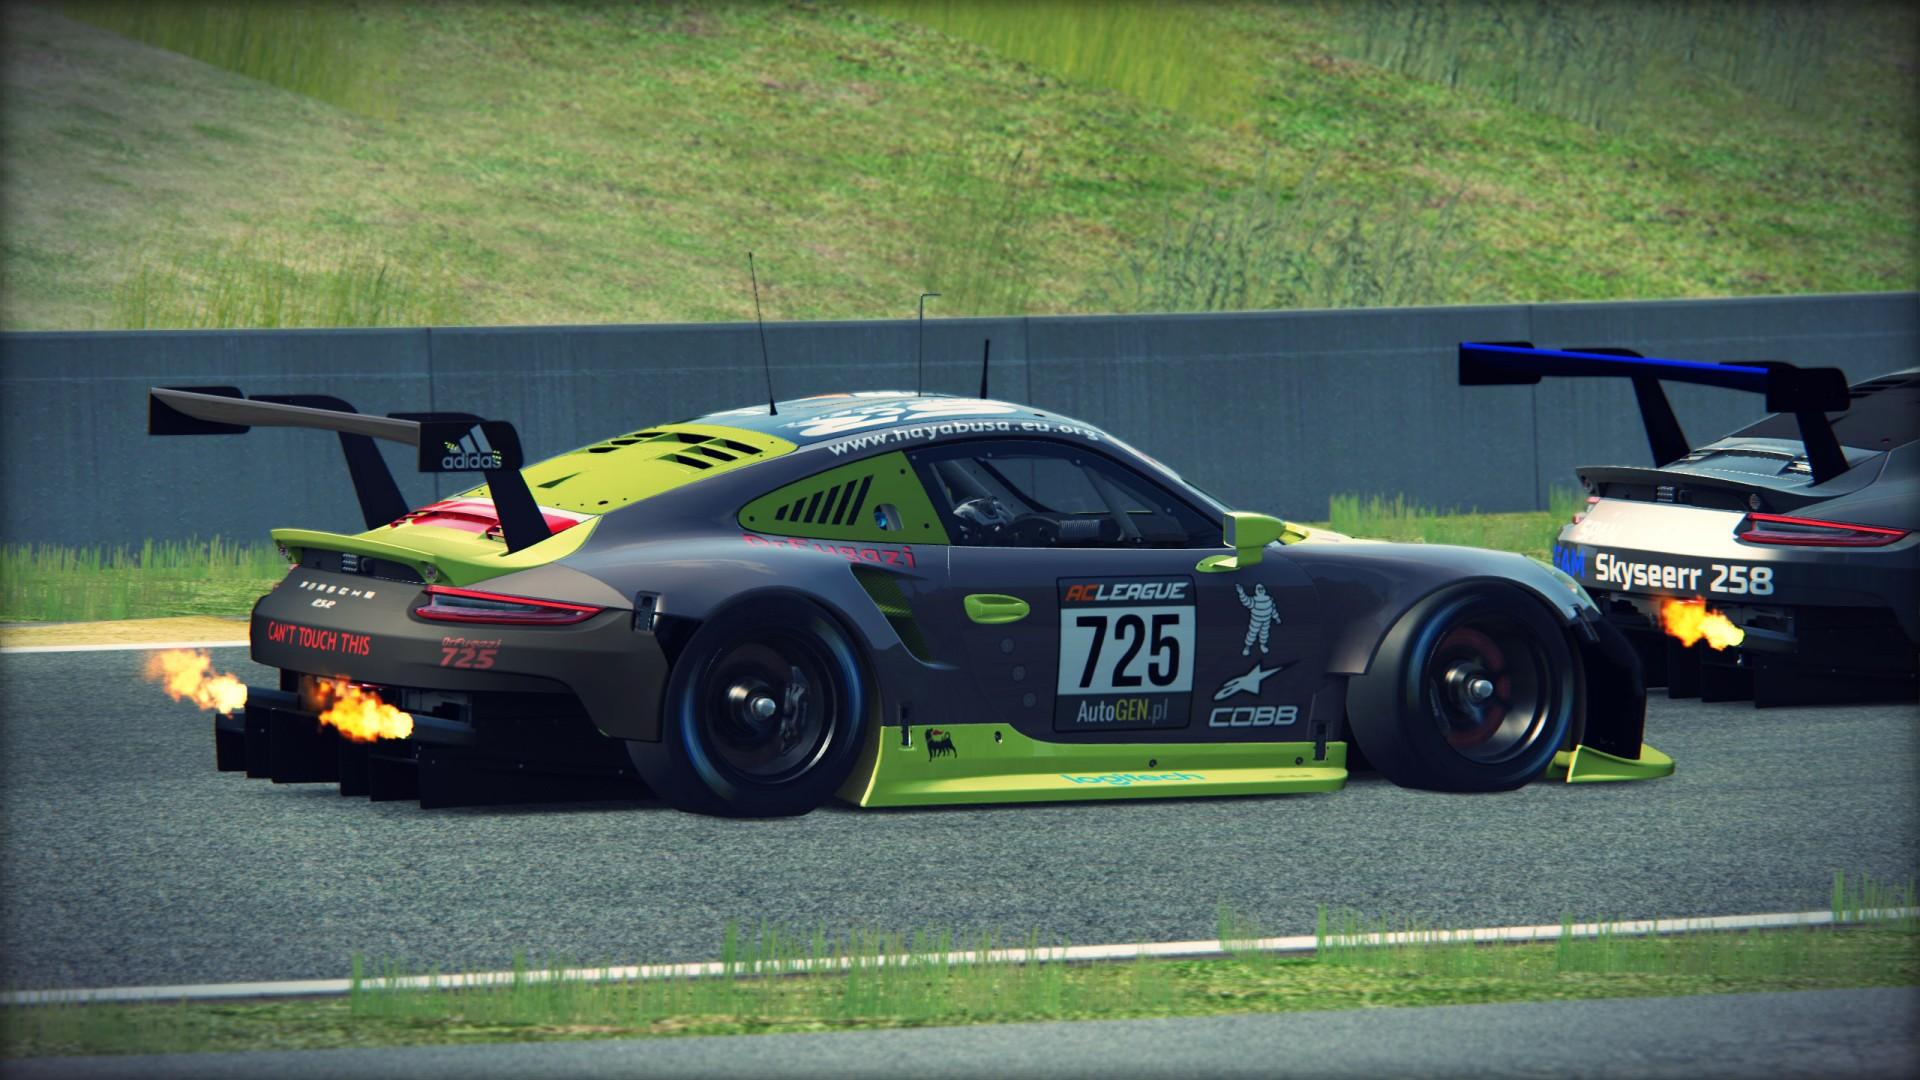 Porsche-911-RSR-RoadAmerica-06